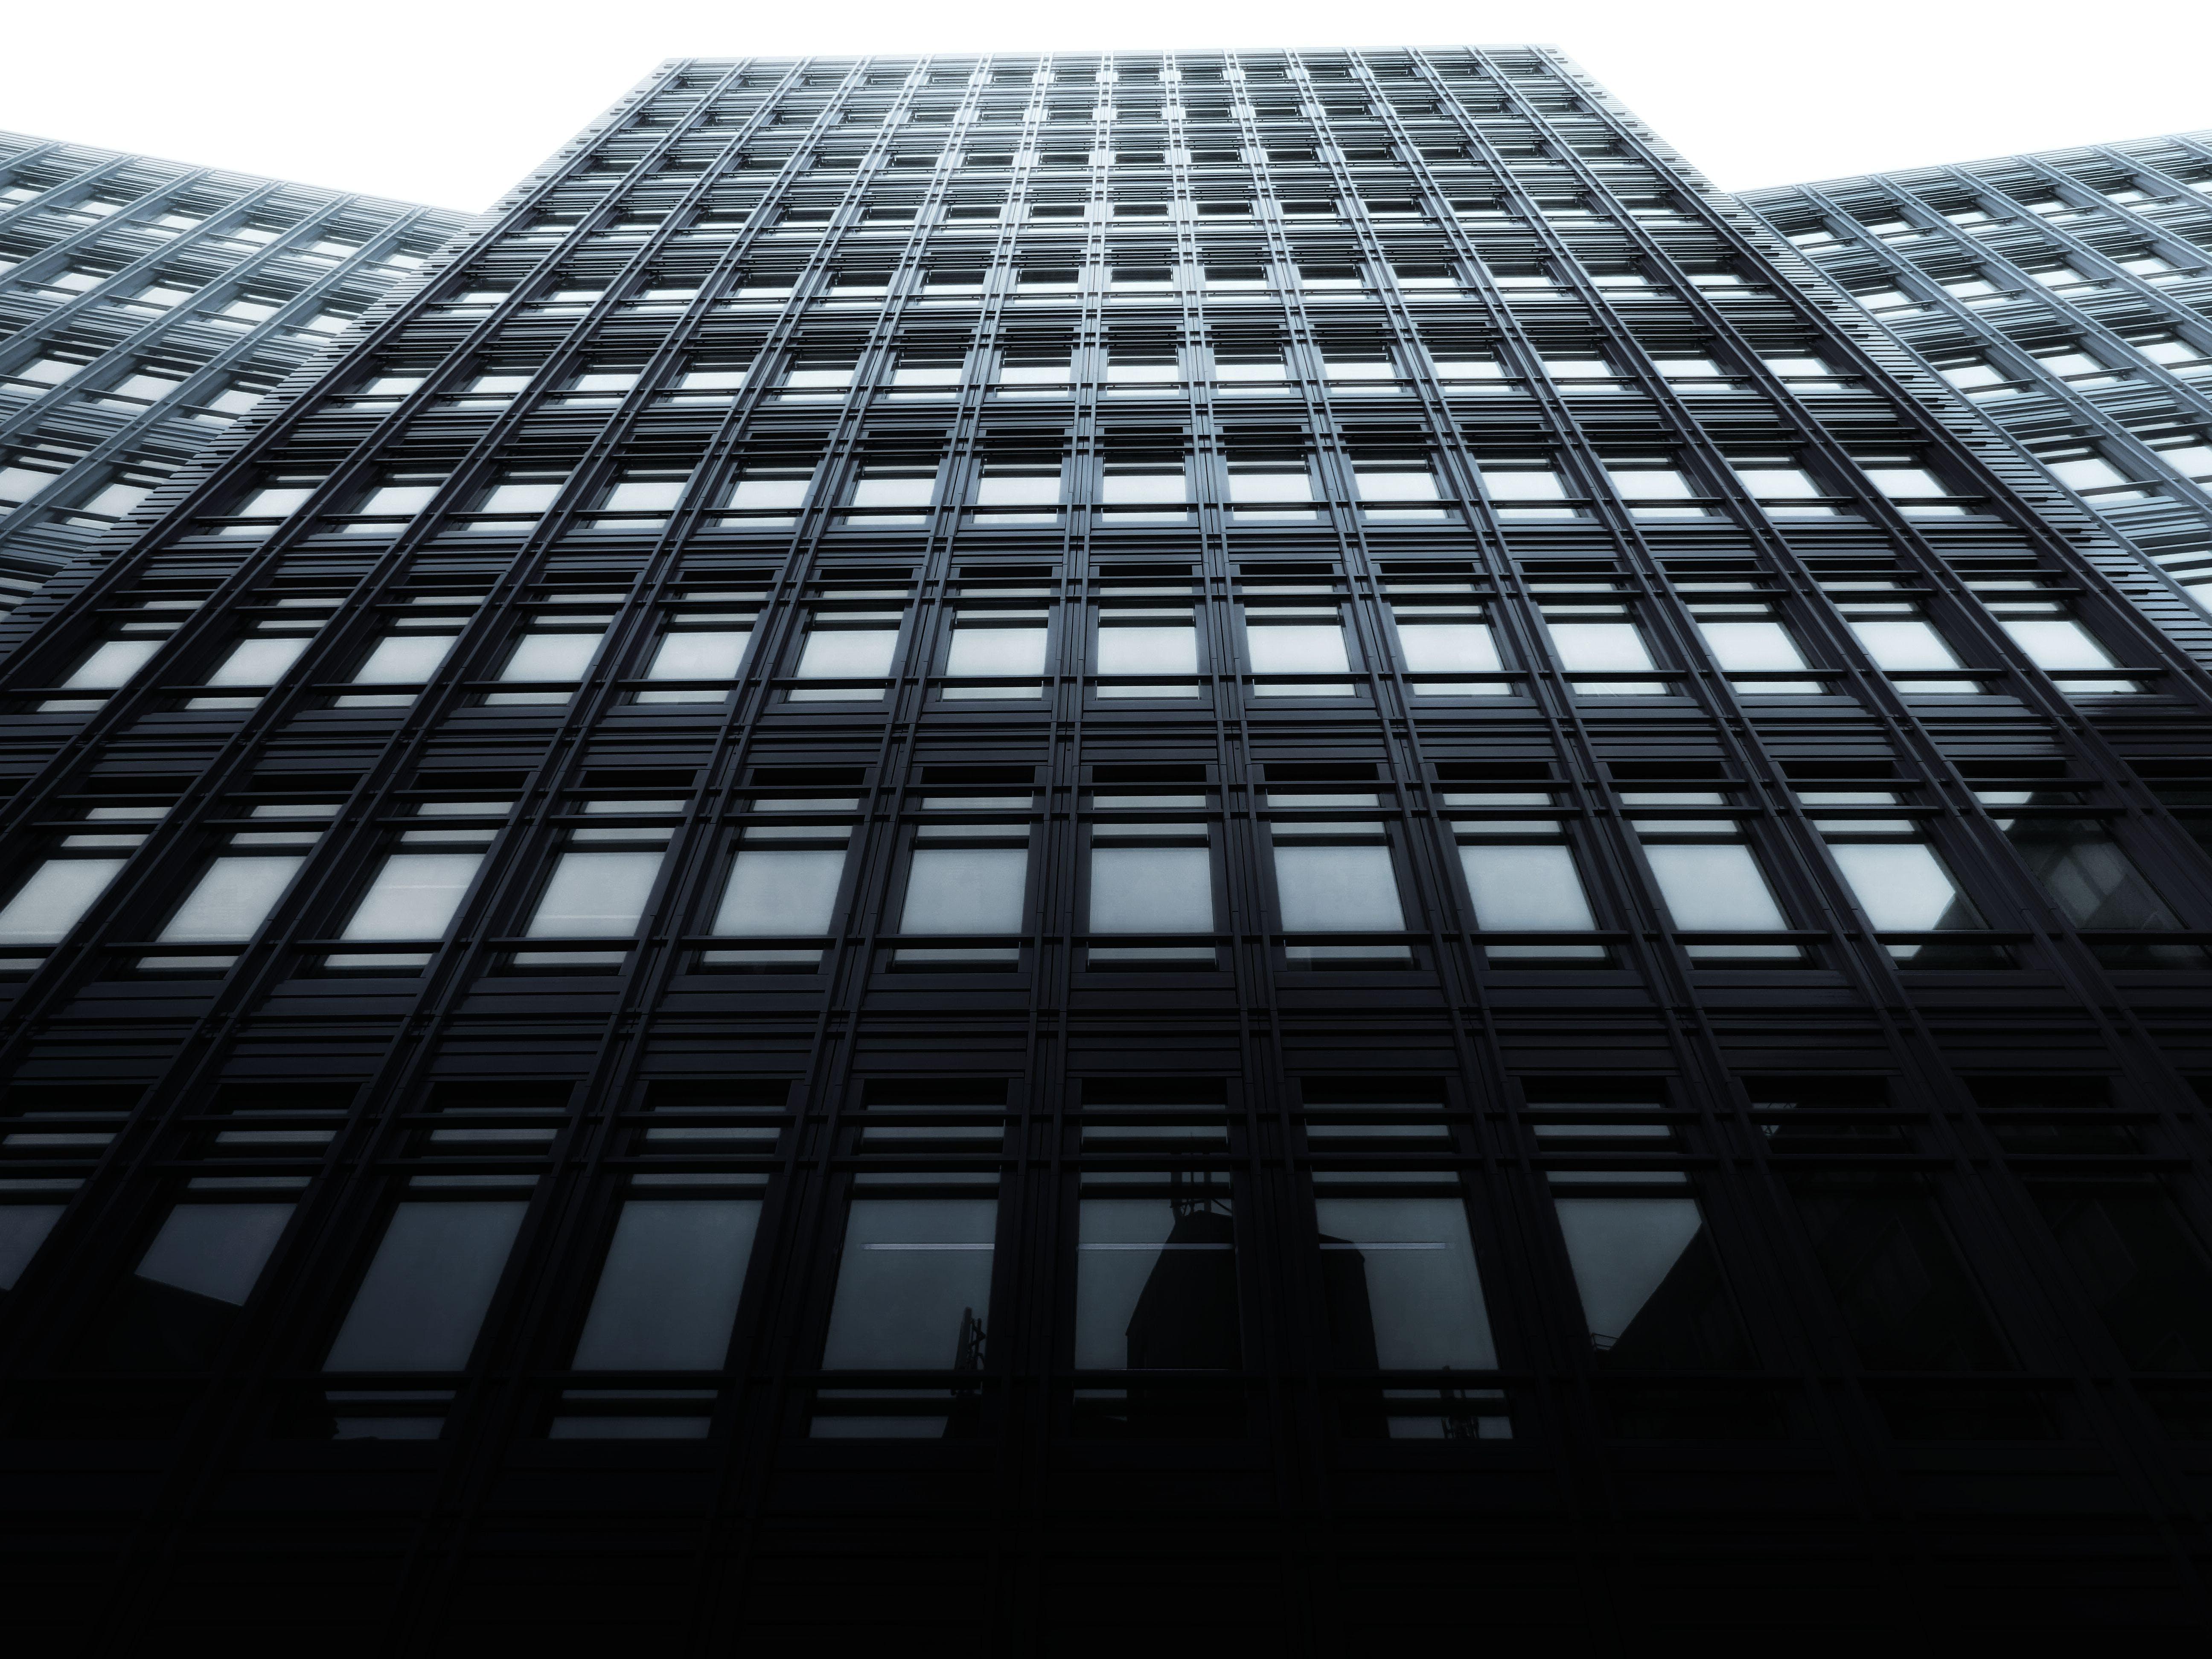 Kostenloses Stock Foto zu architektur, architekturdesign, aufnahme von unten, bau